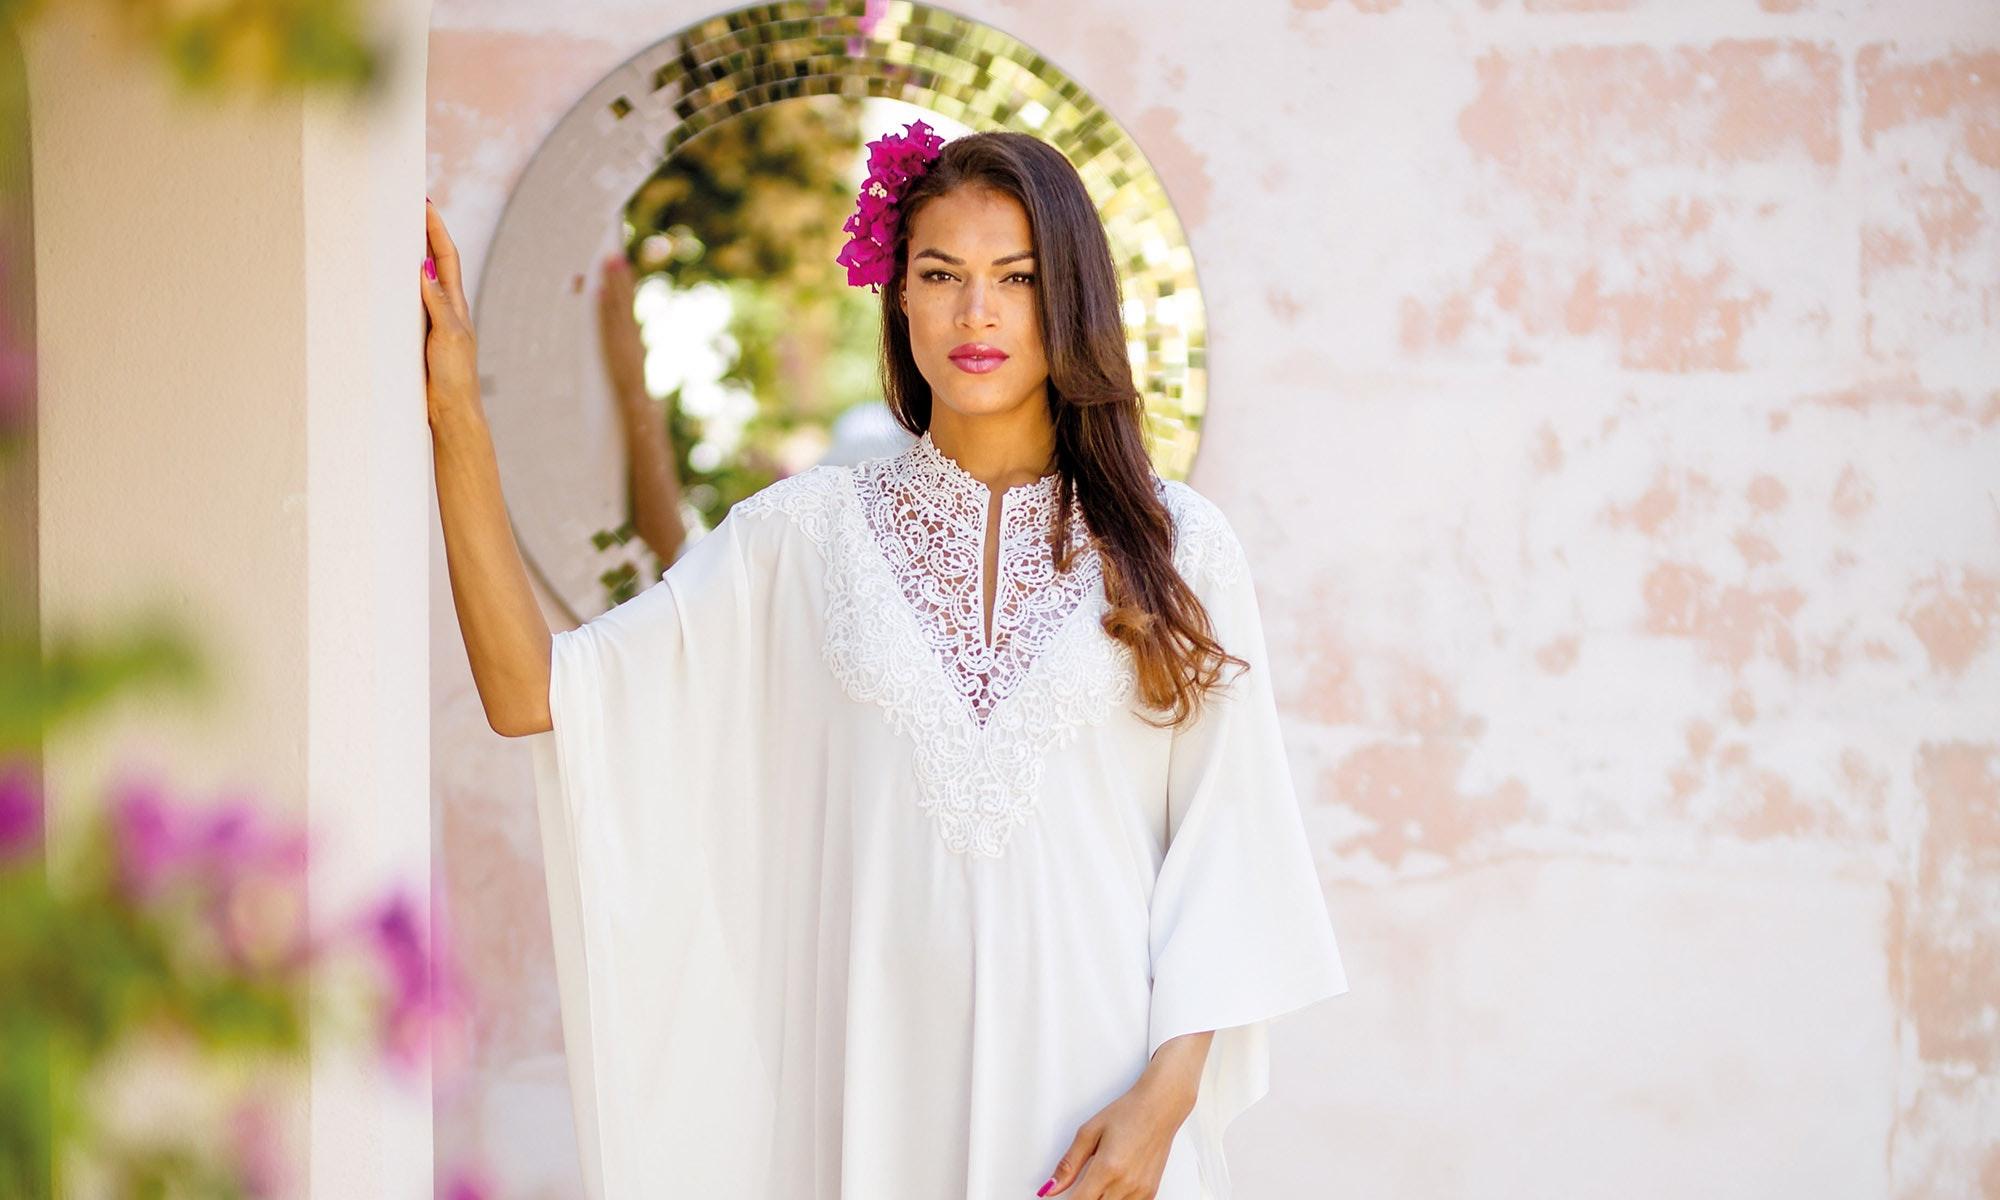 Rüyada Beyaz Elbise Giymiş Kadın Görmek